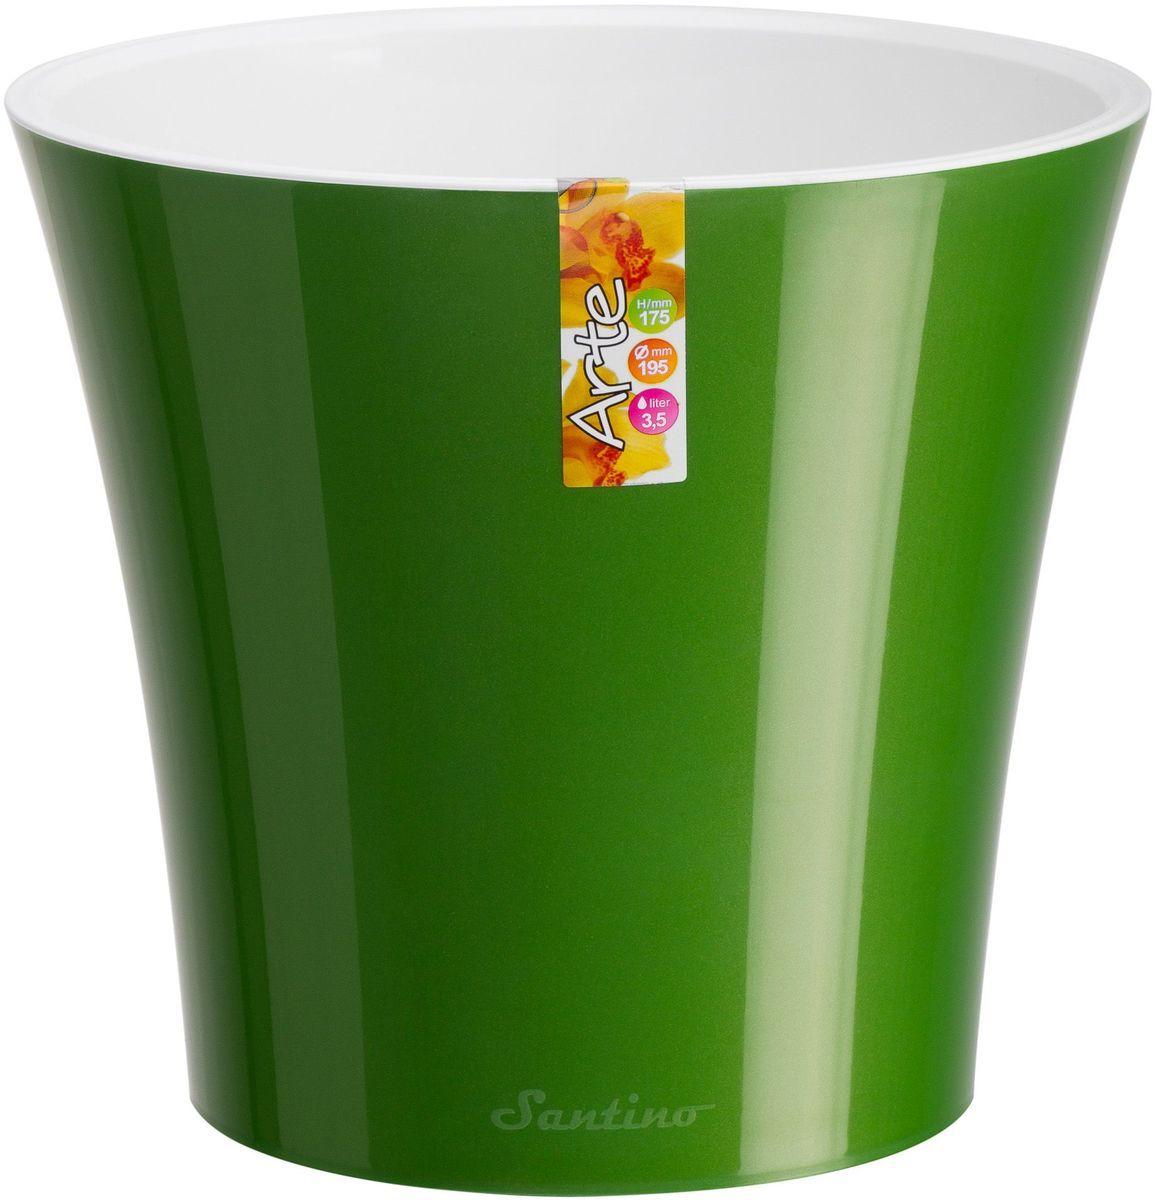 Горшок цветочный Santino Арте, двойной, с системой автополива, цвет: зеленое золото, белый, 3,5 л531-109Горшок цветочный Santino Арте снабжен дренажной системой и состоят из кашпо и вазона-вкладыша. Изготовлен из пластика.Особенность: тарелочка или блюдце не нужны.Горшок предназначен для любых растений или цветов. Цветочный дренаж – это система, которая позволяет выводить лишнюю влагу через корневую систему цветка и слой почвы. Растение – это живой организм, следовательно, ему необходимо дышать. В доступе к кислороду нуждаются все части растения: -листья; -корневая система.Если цветовод по какой-либо причине зальет цветок водой, то она буквально вытеснит из почвенного слоя все пузырьки кислорода. Анаэробная среда способствует развитию различного рода бактерий. Безвоздушная среда приводит к загниванию корневой системы, цветок в результате увядает.Суть работы дренажной системы заключается в том, чтобы осуществлять отвод лишней влаги от растения и давать возможность корневой системе дышать без проблем. Следовательно, каждому цветку необходимо:-иметь в основании цветочного горшочка хотя бы одно небольшое дренажное отверстие. Оно необходимо для того, чтобы через него выходила лишняя вода, плюс ко всему это отверстие дает возможность циркулировать воздух.-на самом дне горшка необходимо выложить слоем в 2-5 см (зависит от вида растения) дренаж.